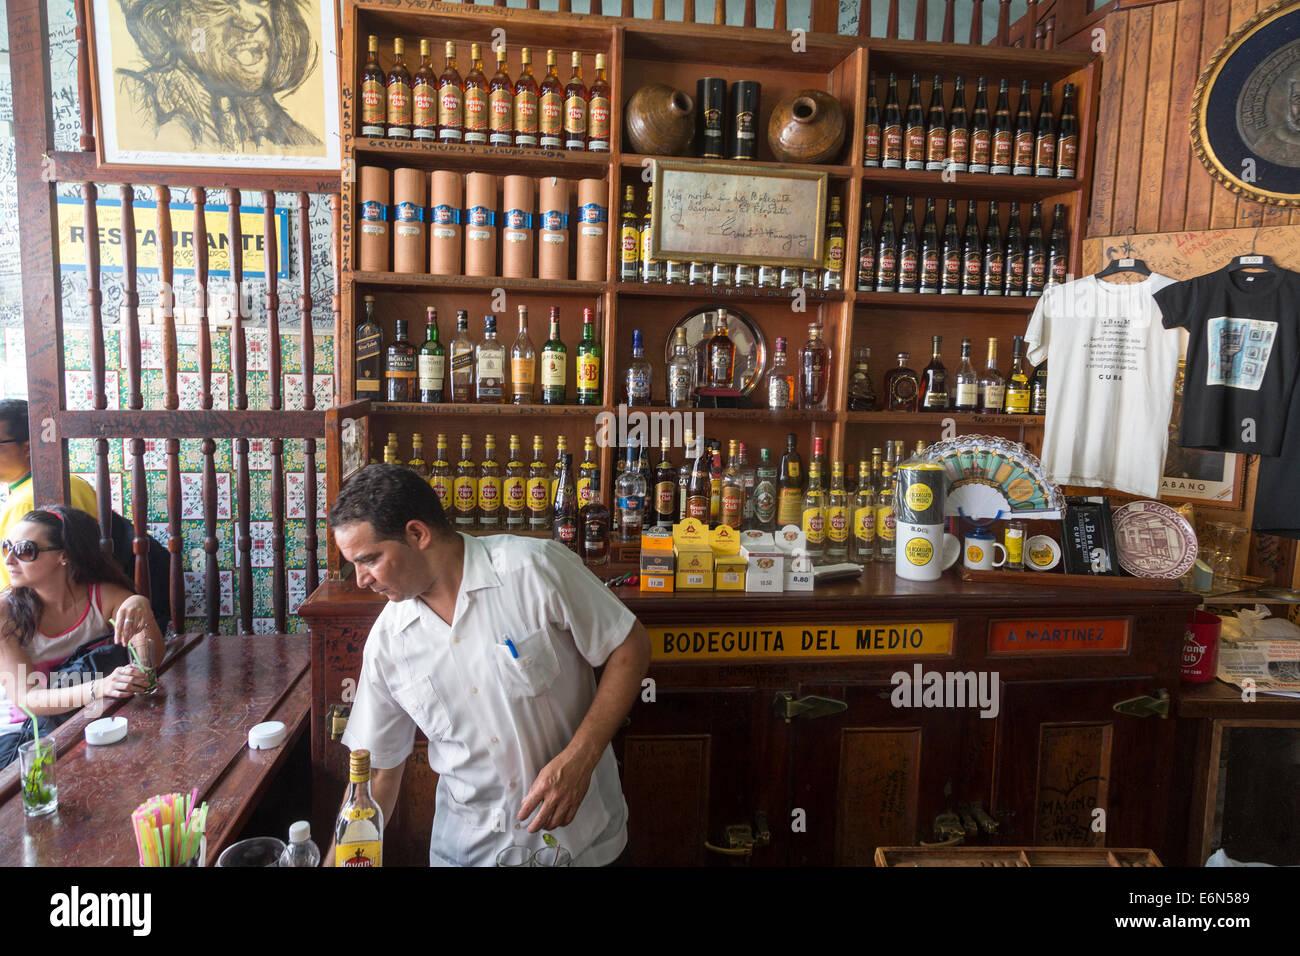 barman serving at La Bodeguita del Medio bar, Havana, Cuba - Stock Image